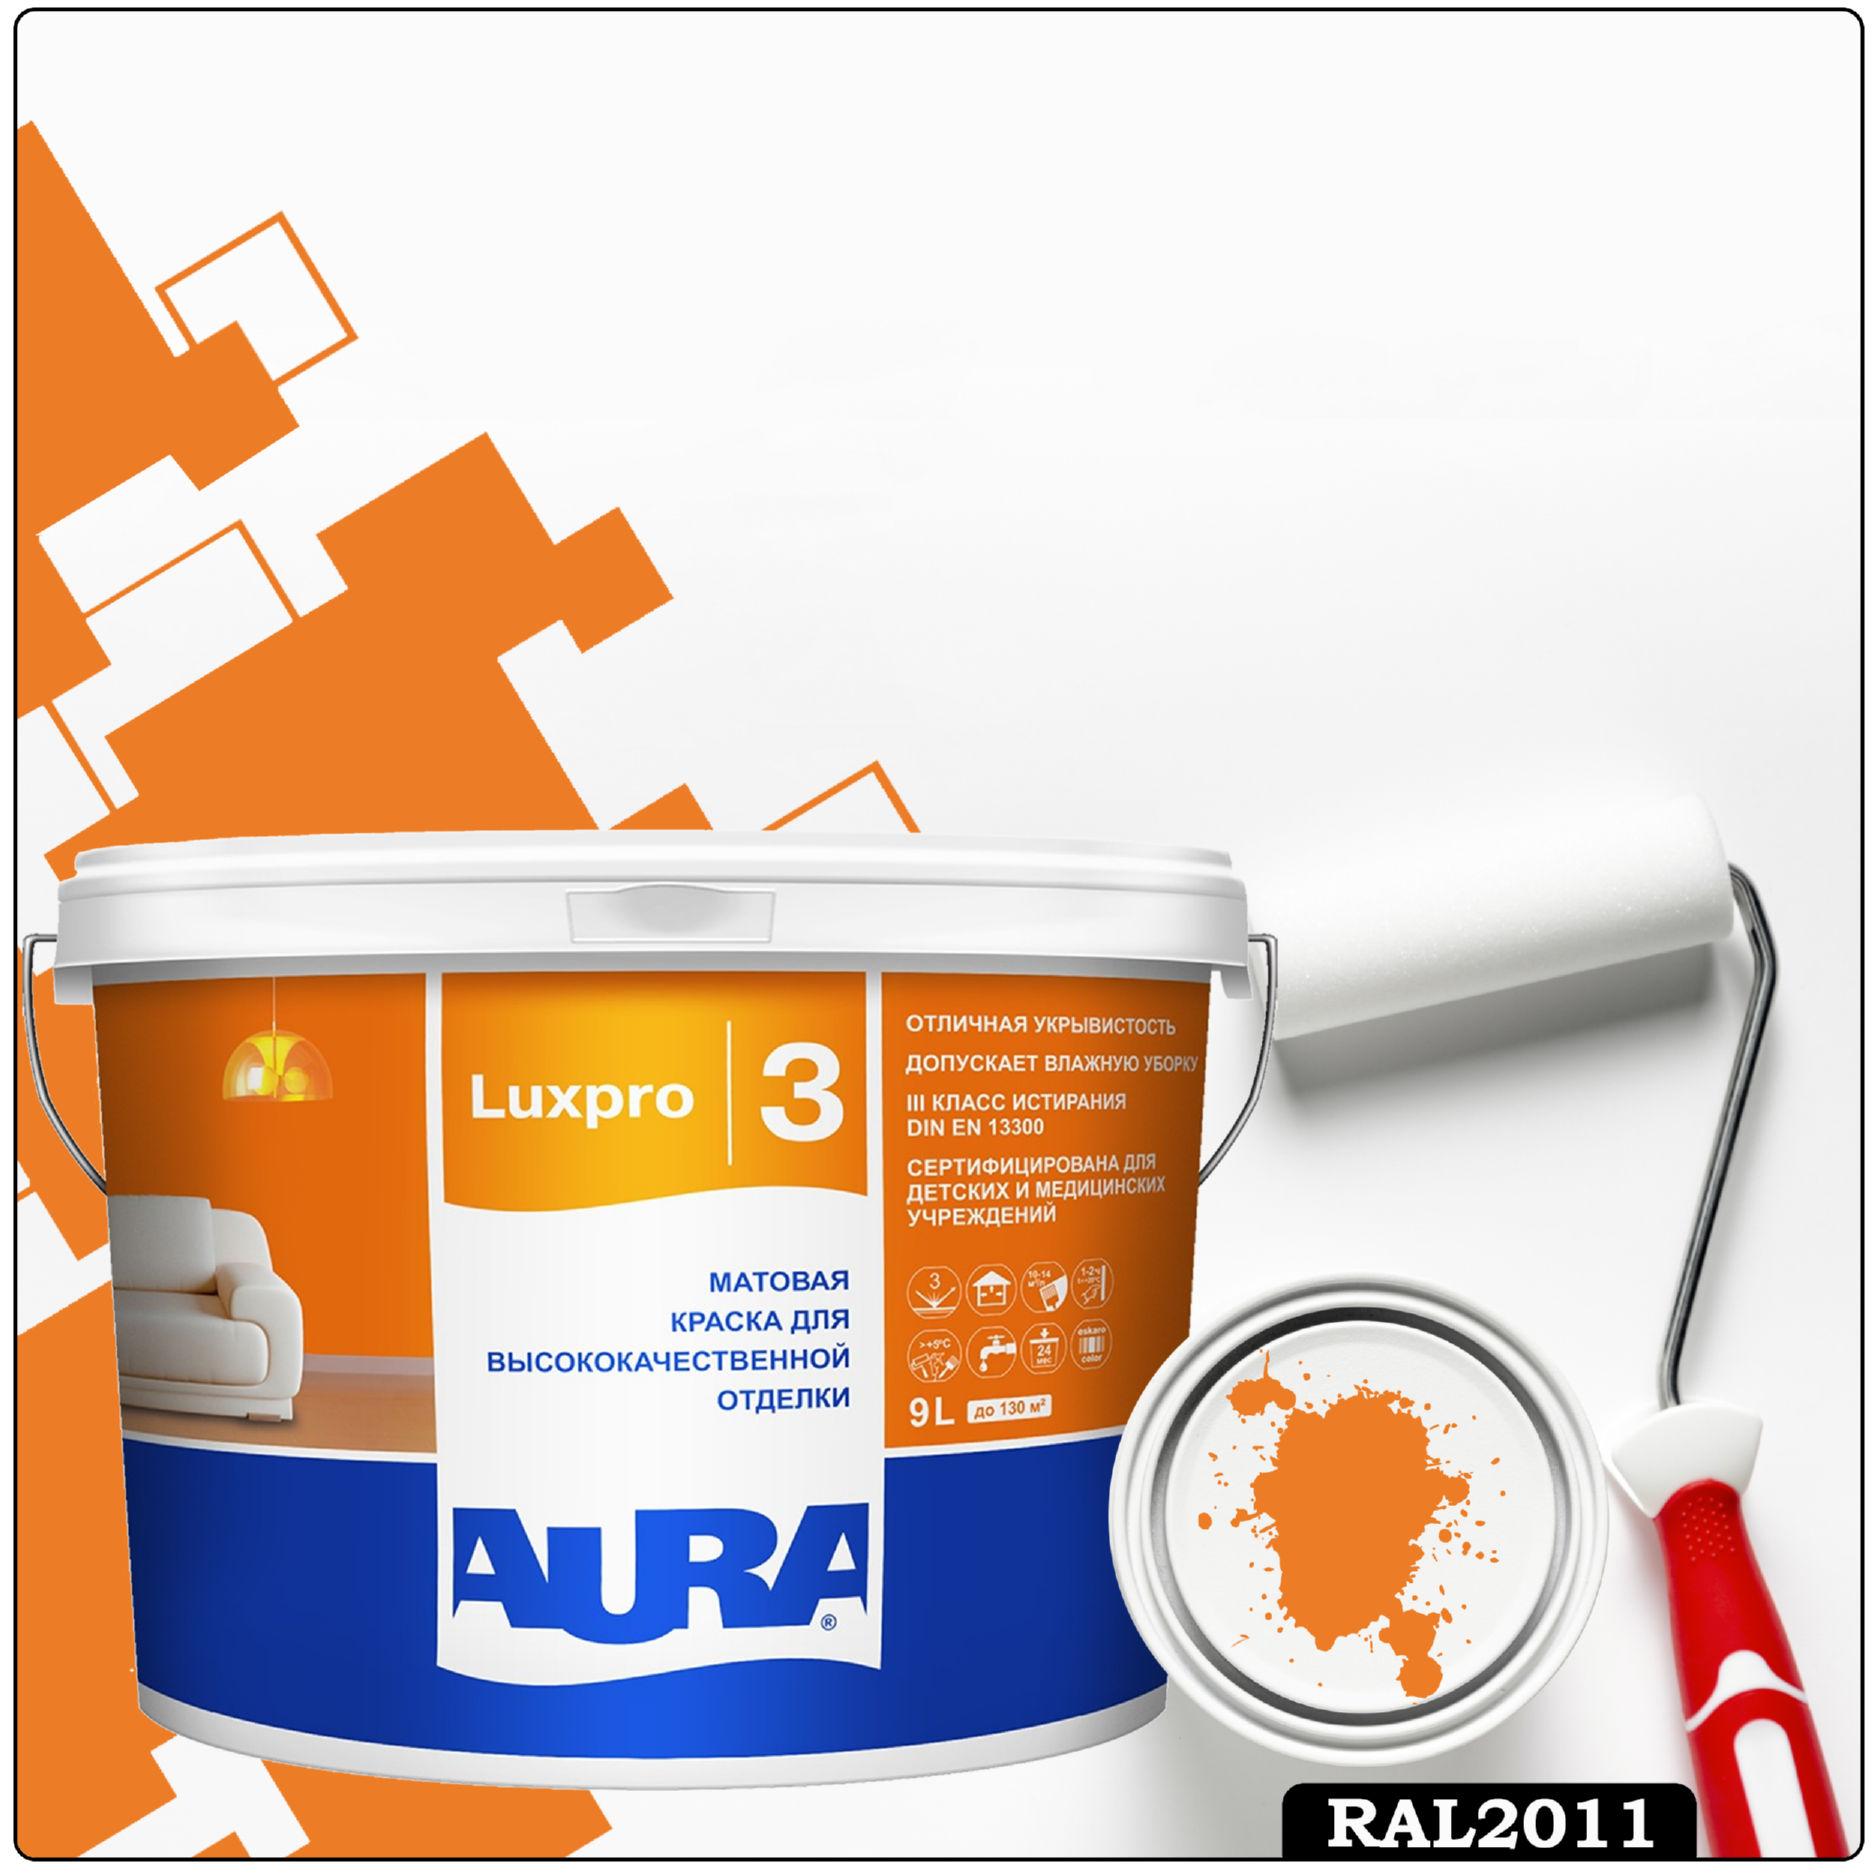 Фото 9 - Краска Aura LuxPRO 3, RAL 2011 Насыщенный-оранжевый, латексная, шелково-матовая, интерьерная, 9л, Аура.